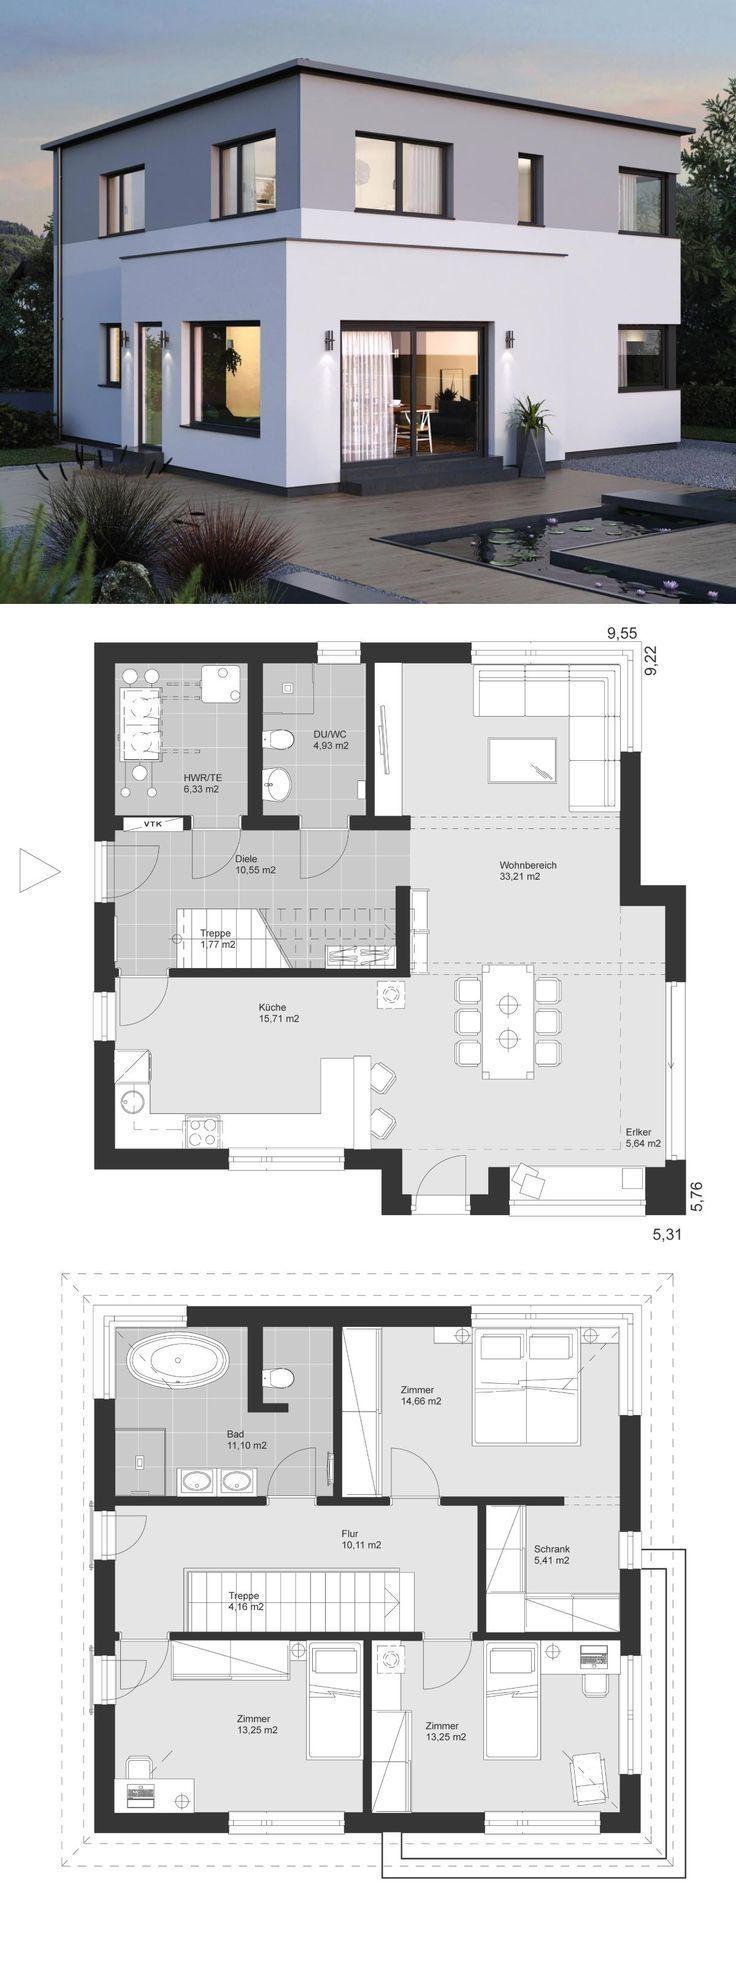 neubau stadtvilla modern grundriss mit flachdach architektur erker anbau treppe gerade einfamilienhaus bauen ideen elk haus 145 von elk fertighaus hausbaudirekt de pinbild